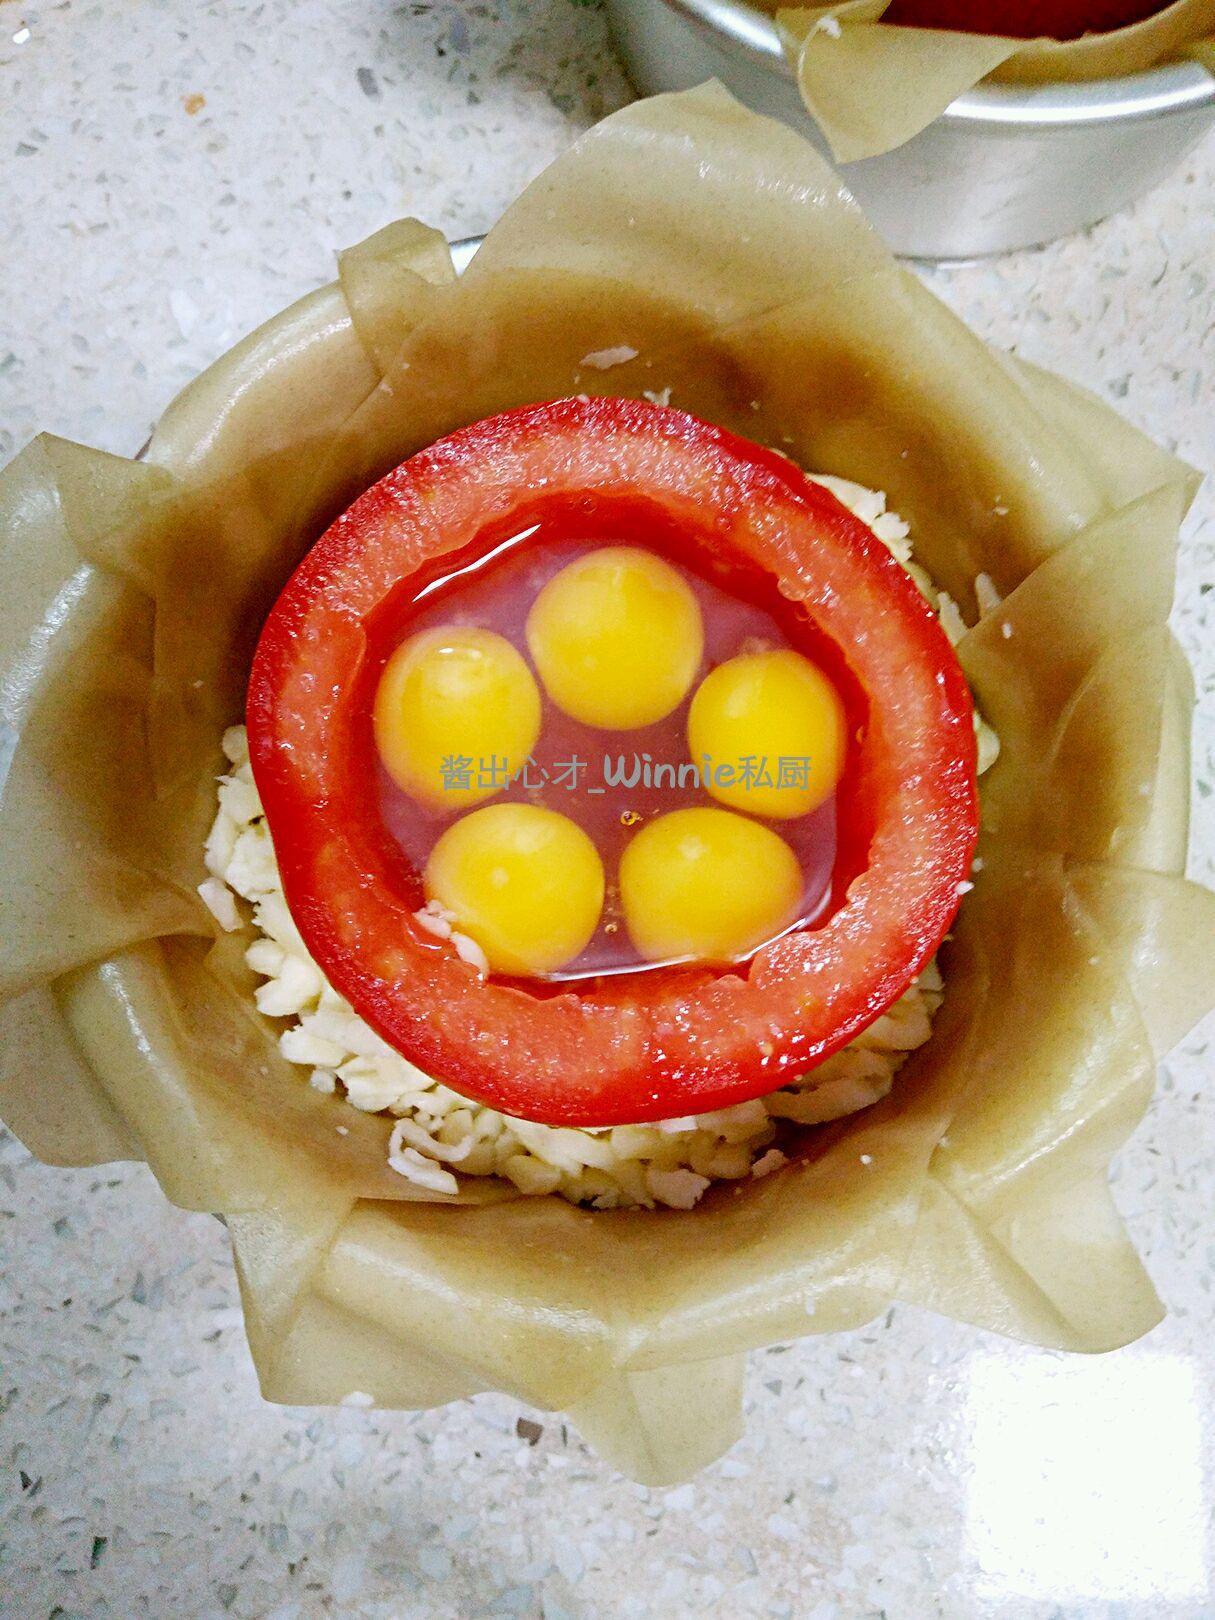 【花儿西红柿】–【脆皮芝士花儿西红柿蛋盅】的做法图解6